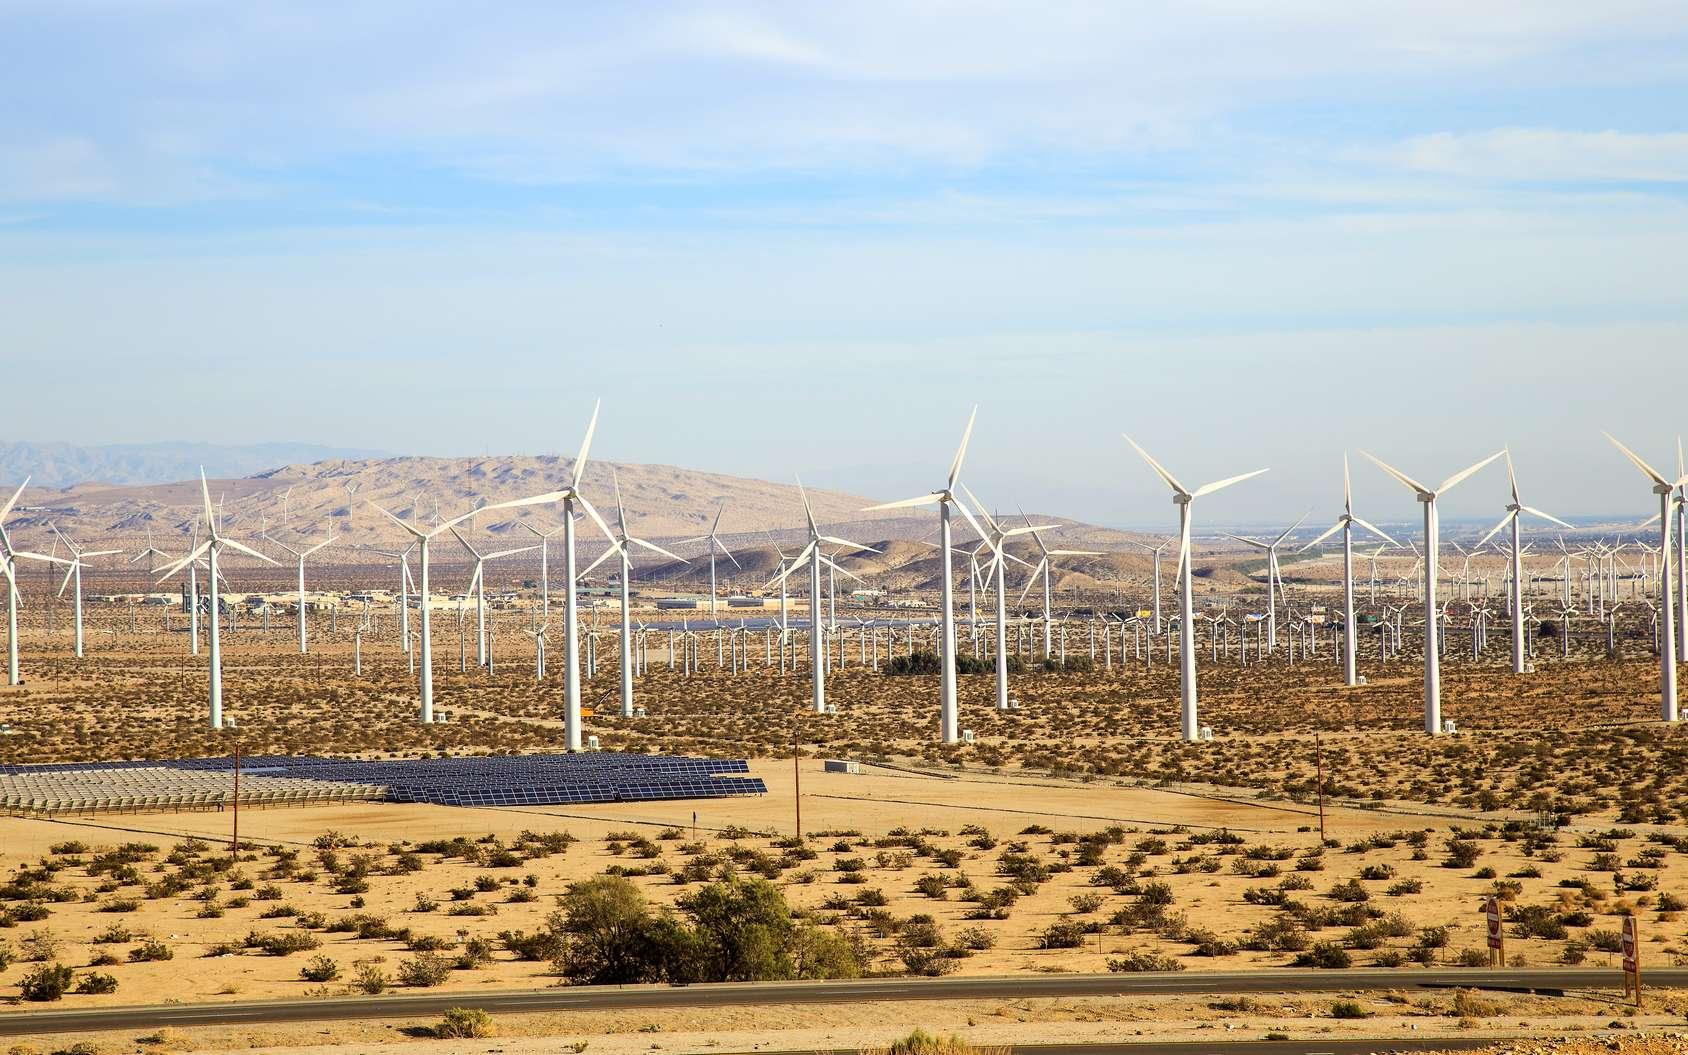 Le Sahara transformé en oasis grâce aux énergies renouvelables ? © Bon, Fotolia